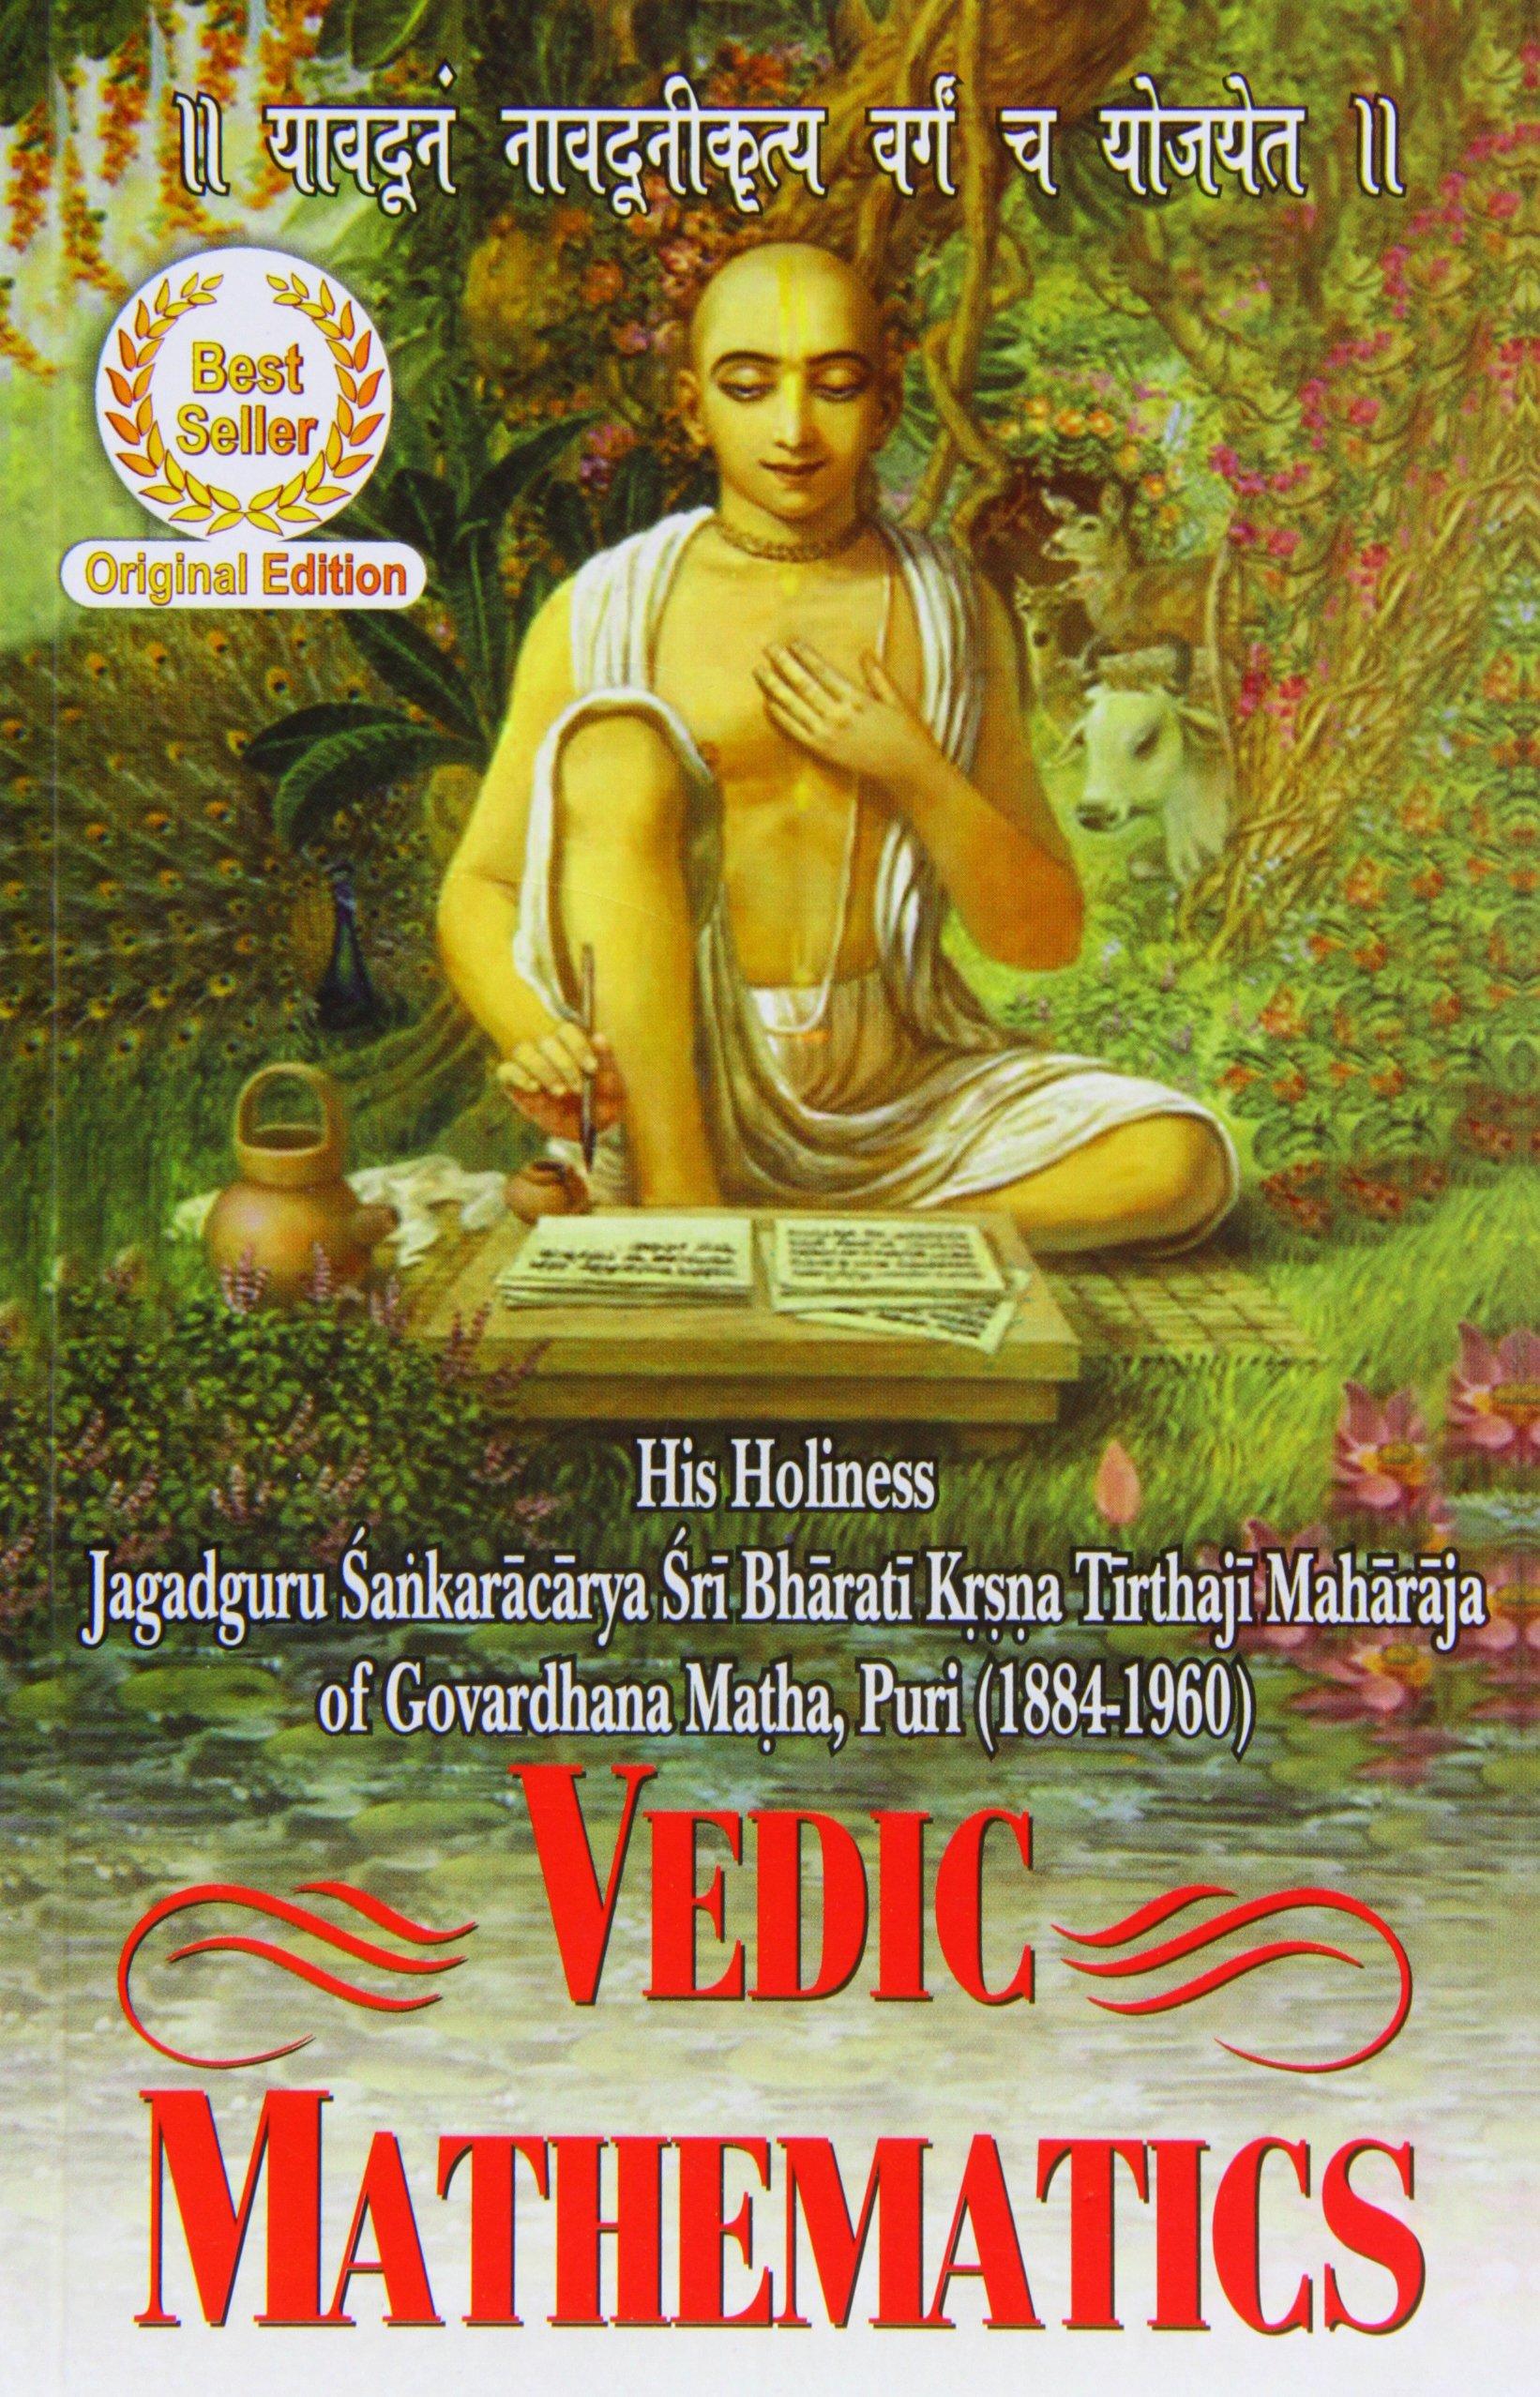 Vedic Maths For Class 5